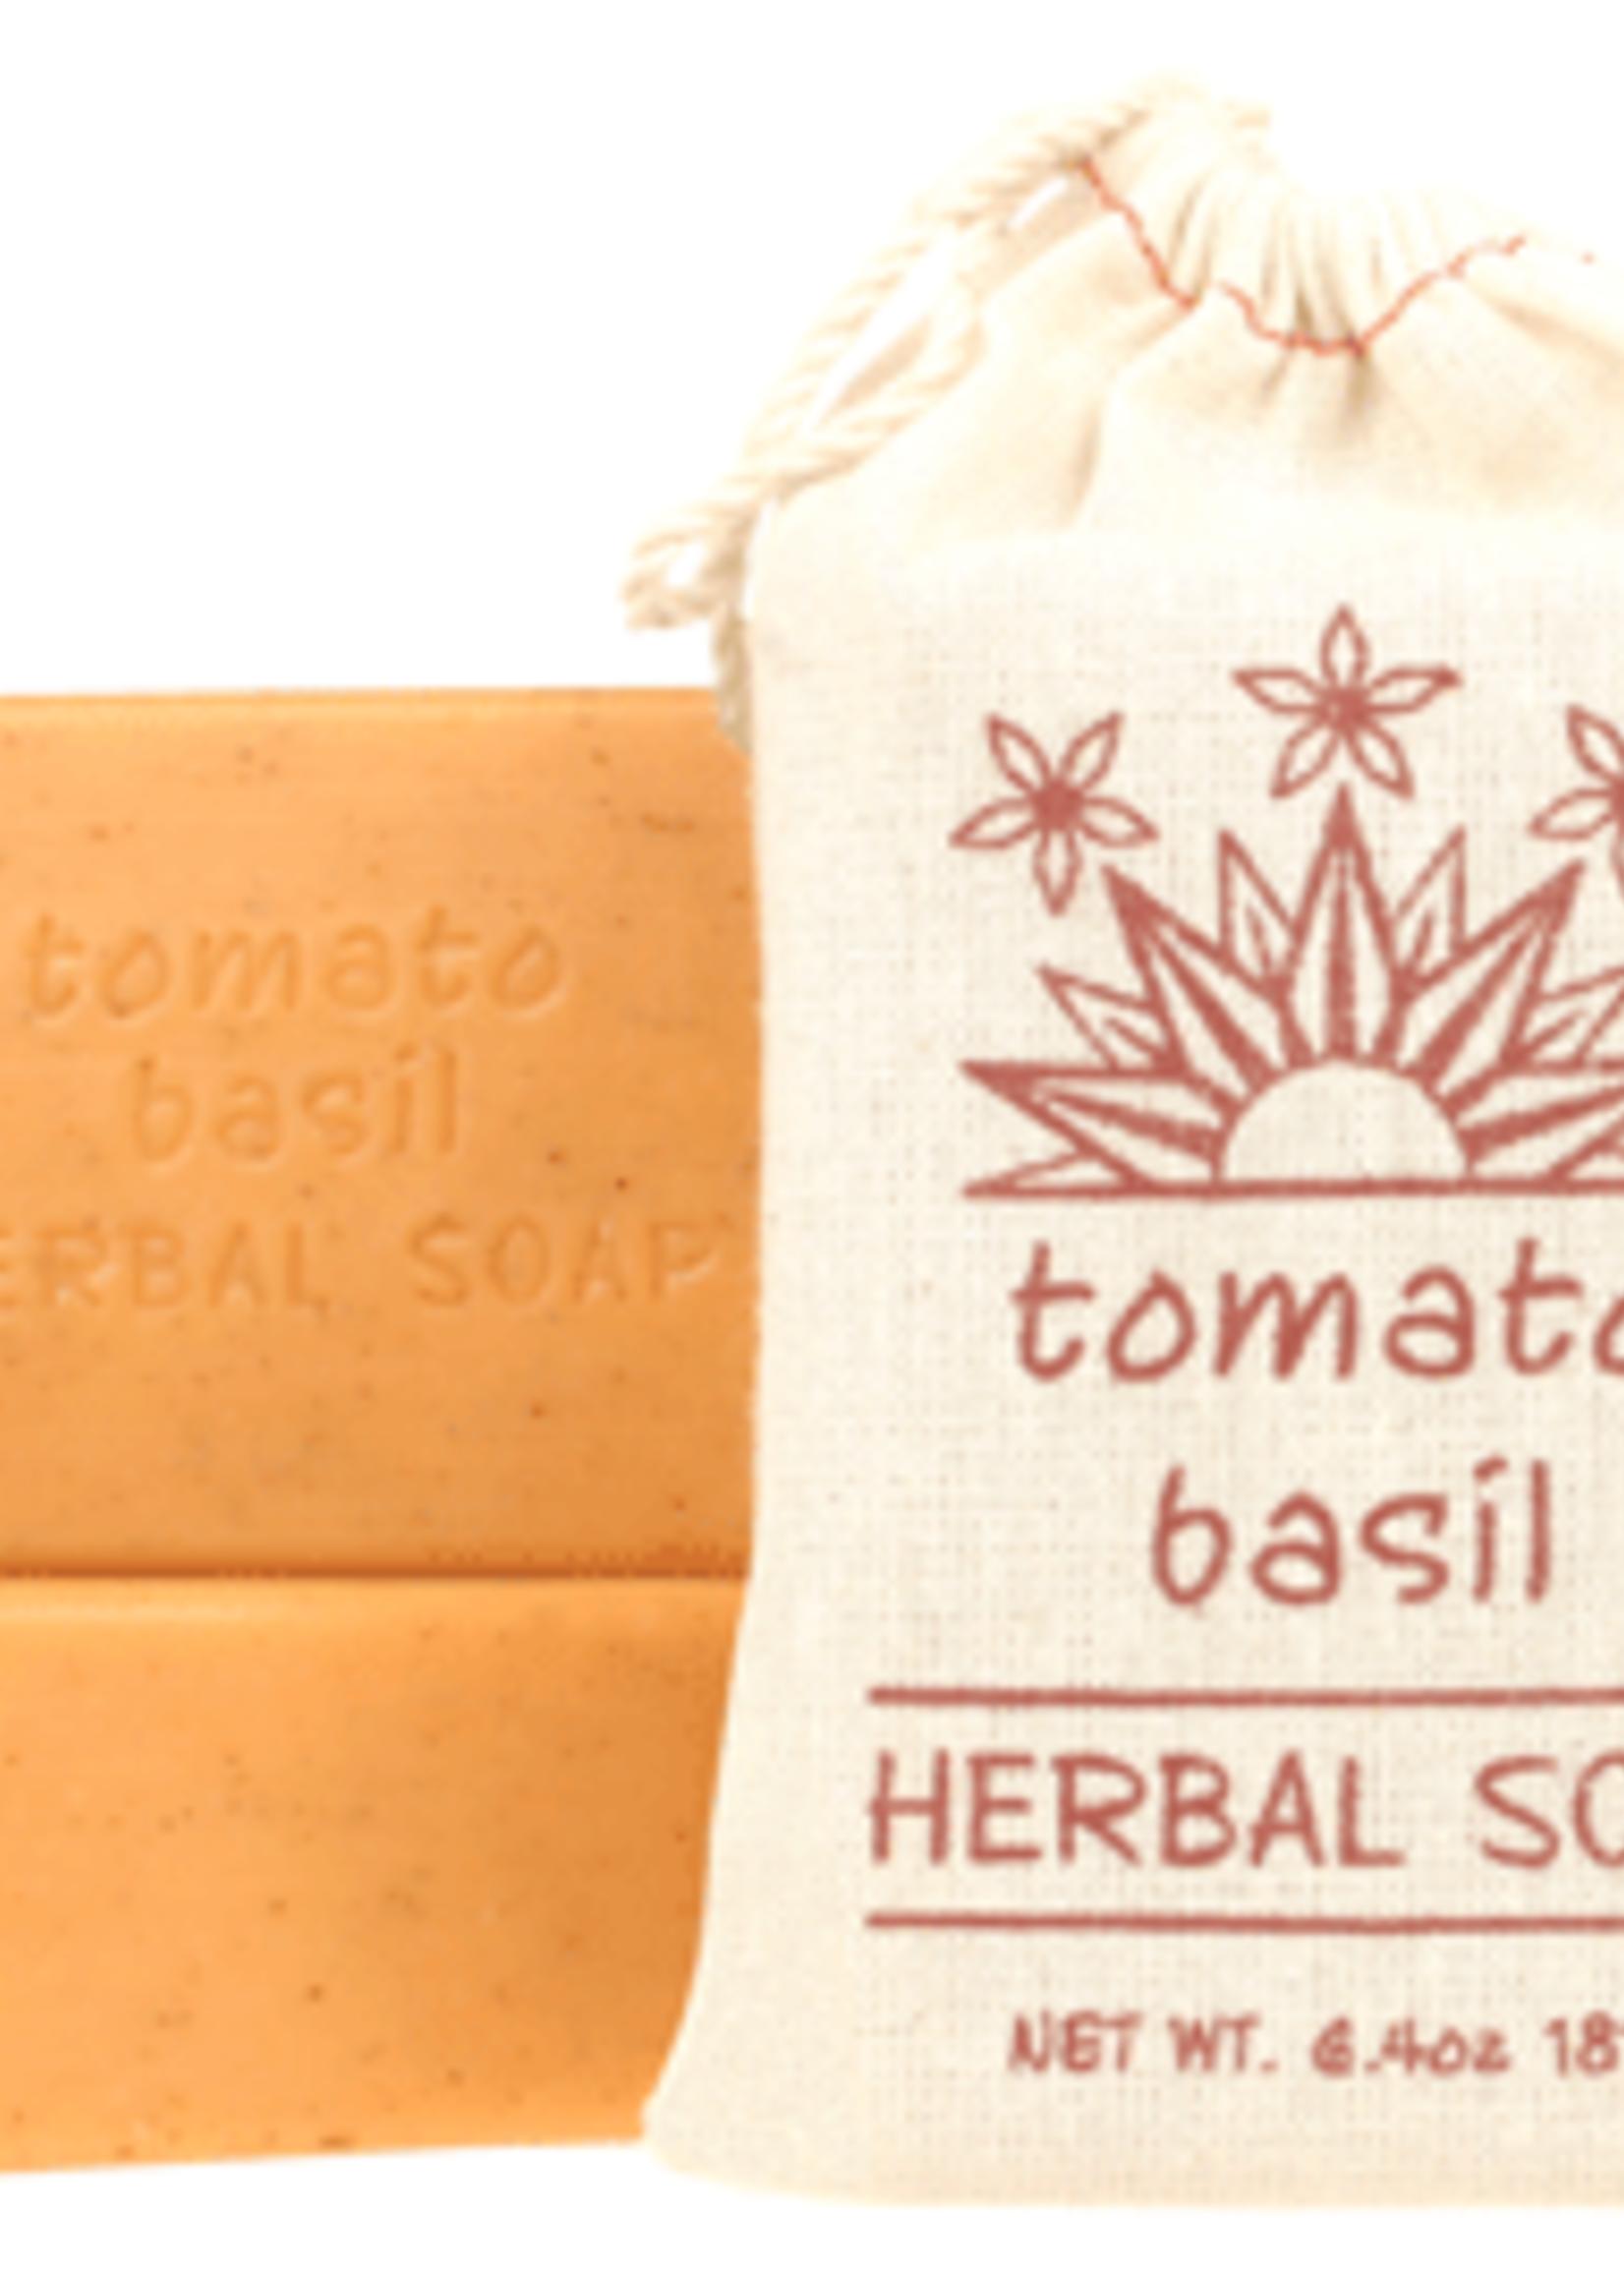 Tomato Basil Herbal Soap Block